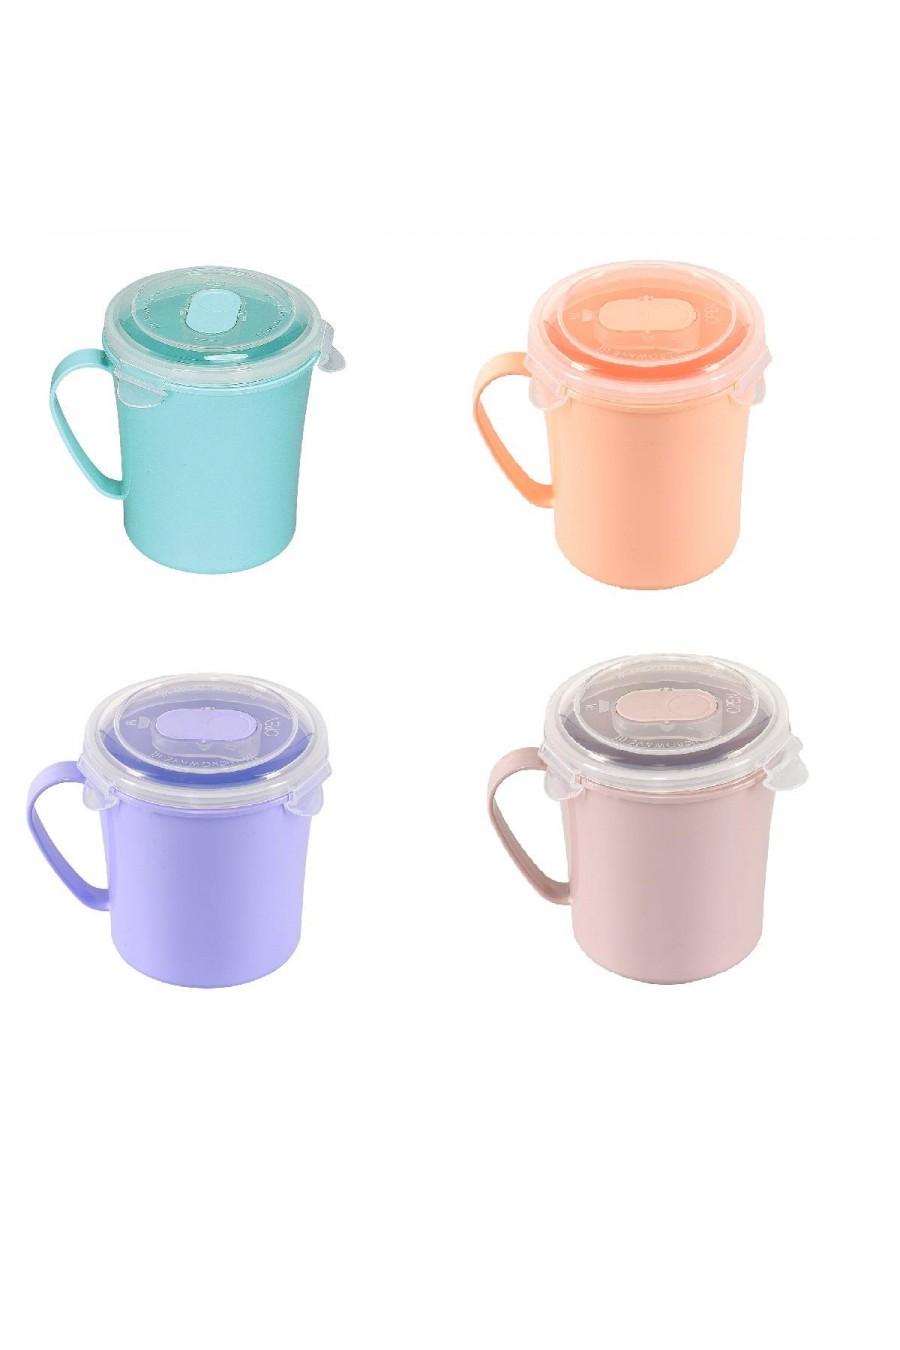 PlastArt Kilit Kapaklı Çorba Bardağı | Çorba Kupası